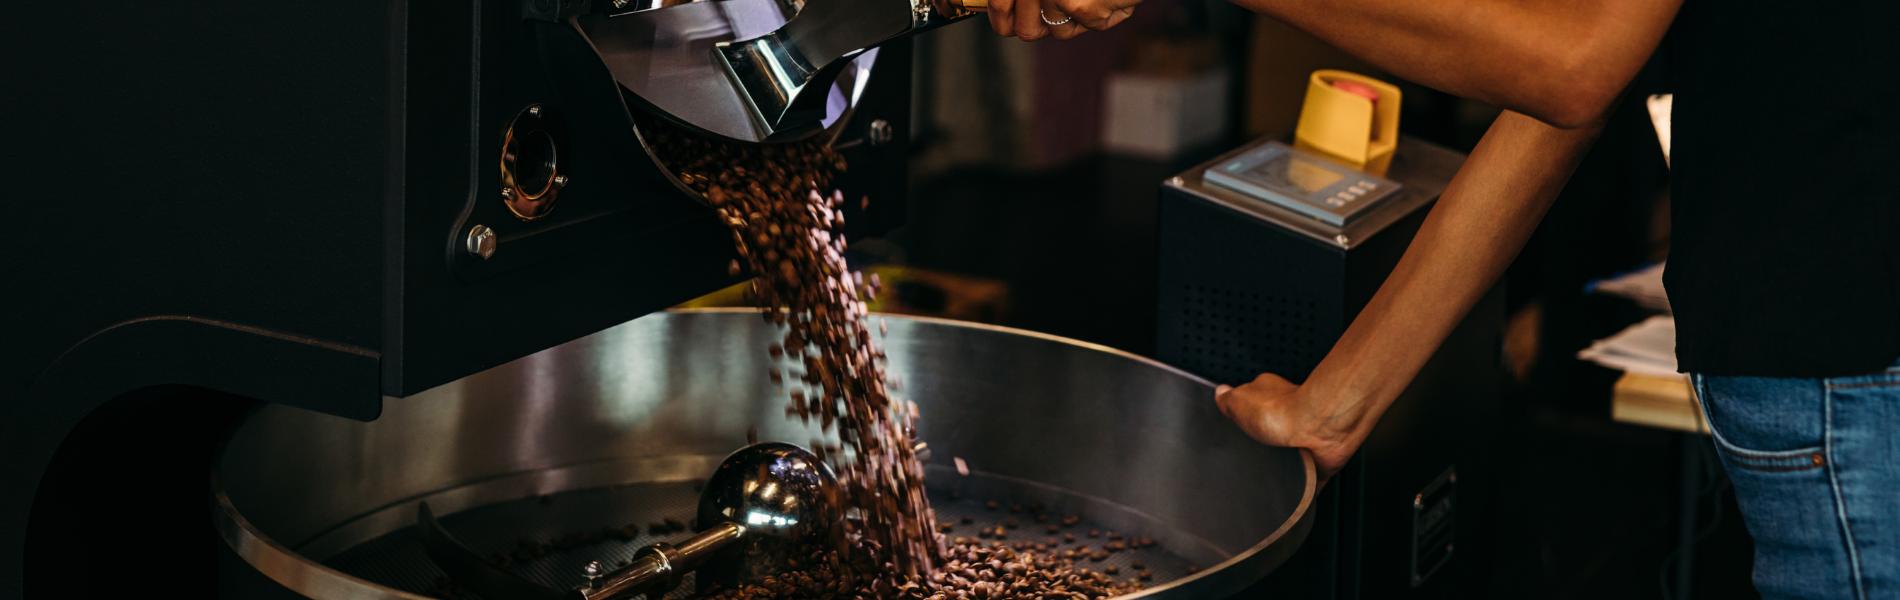 焙煎コーヒー豆の販売、トーアーコーヒー商会